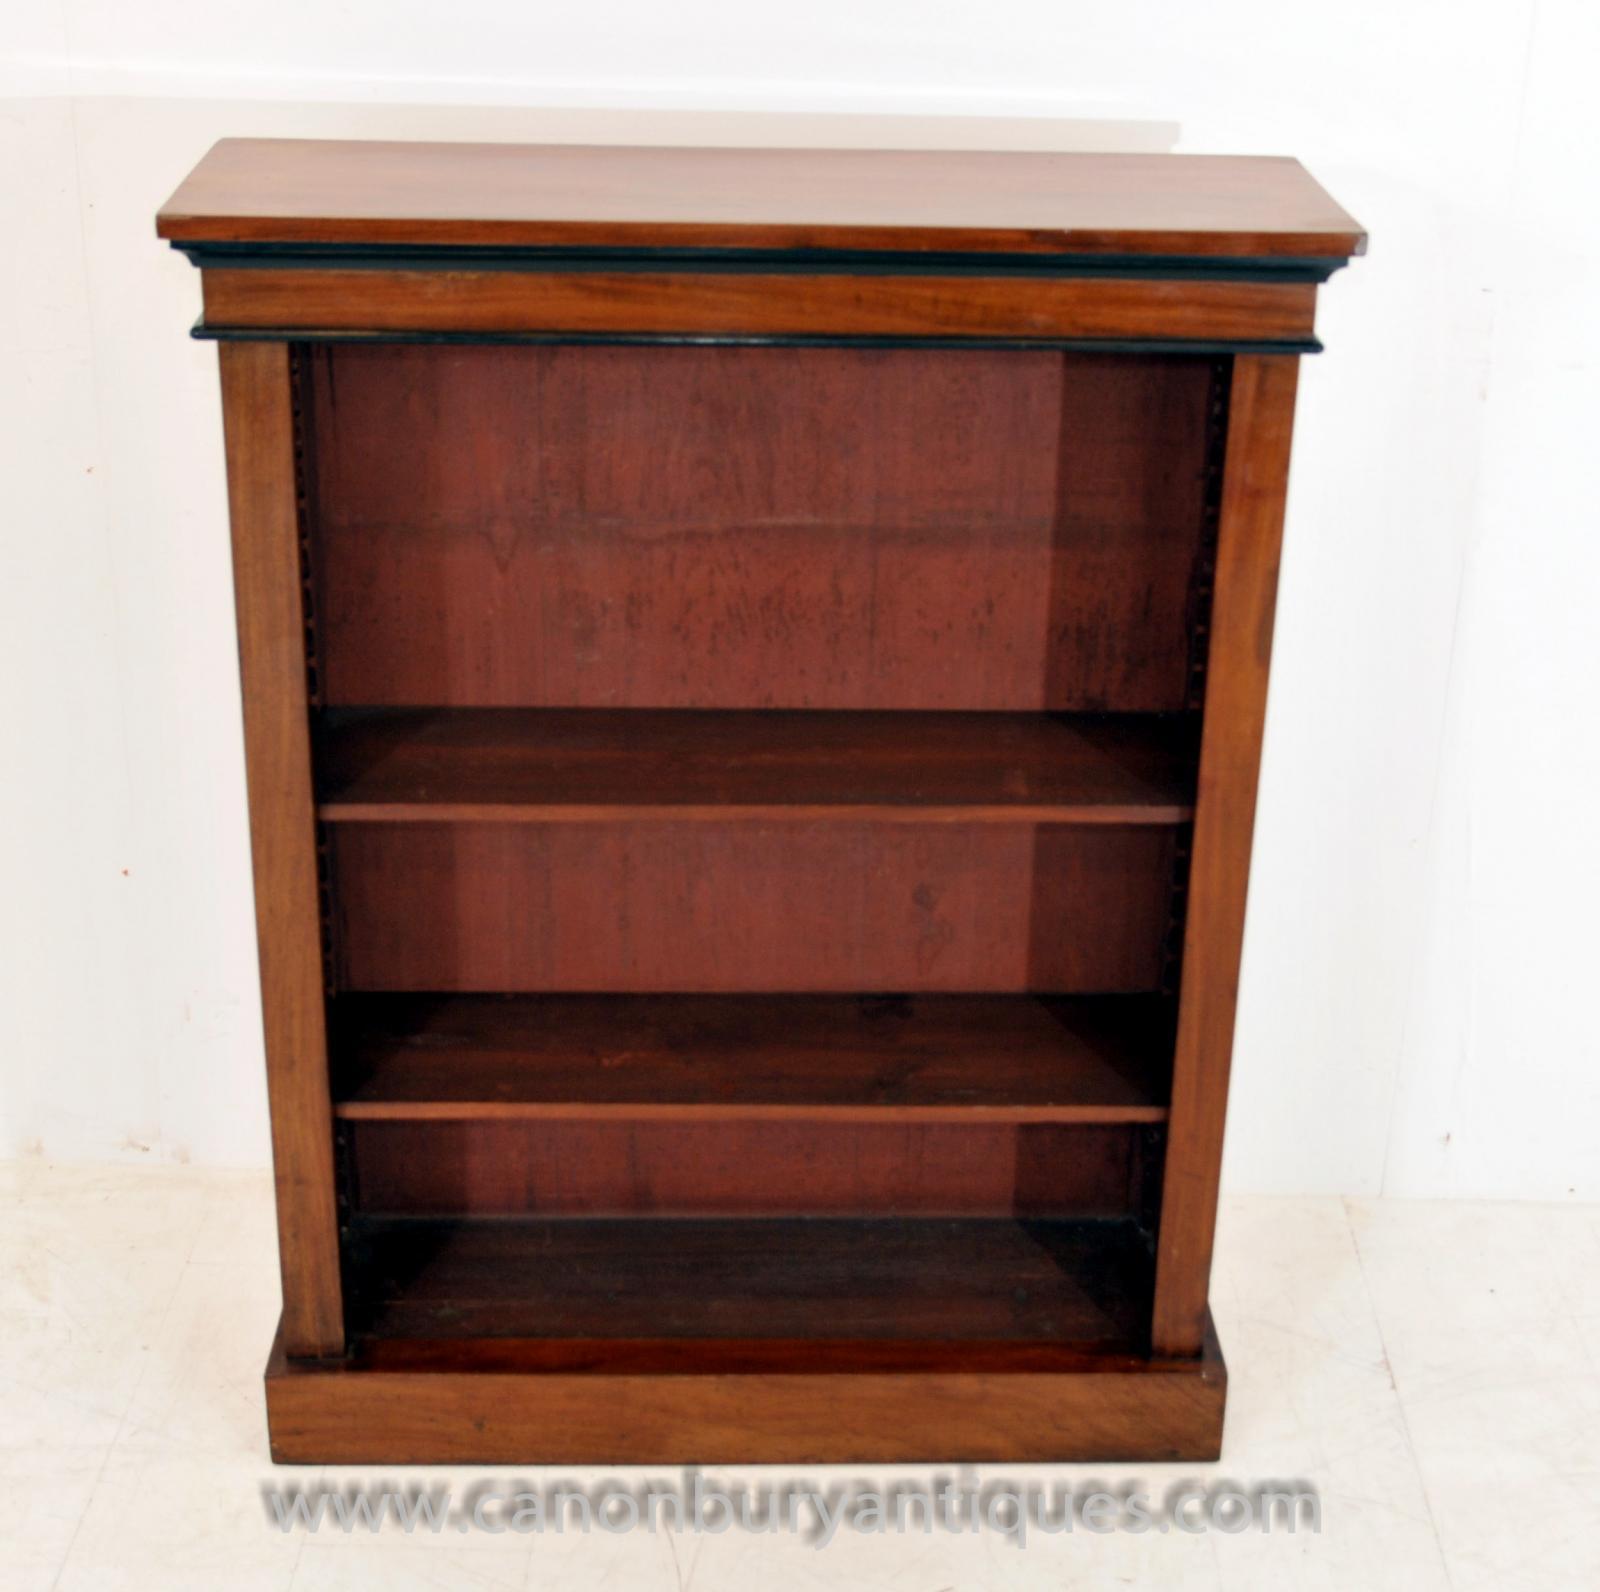 Ebay Bookcases For Sale: Antique Biedermeier Open Front Bookcase Open Bookcase